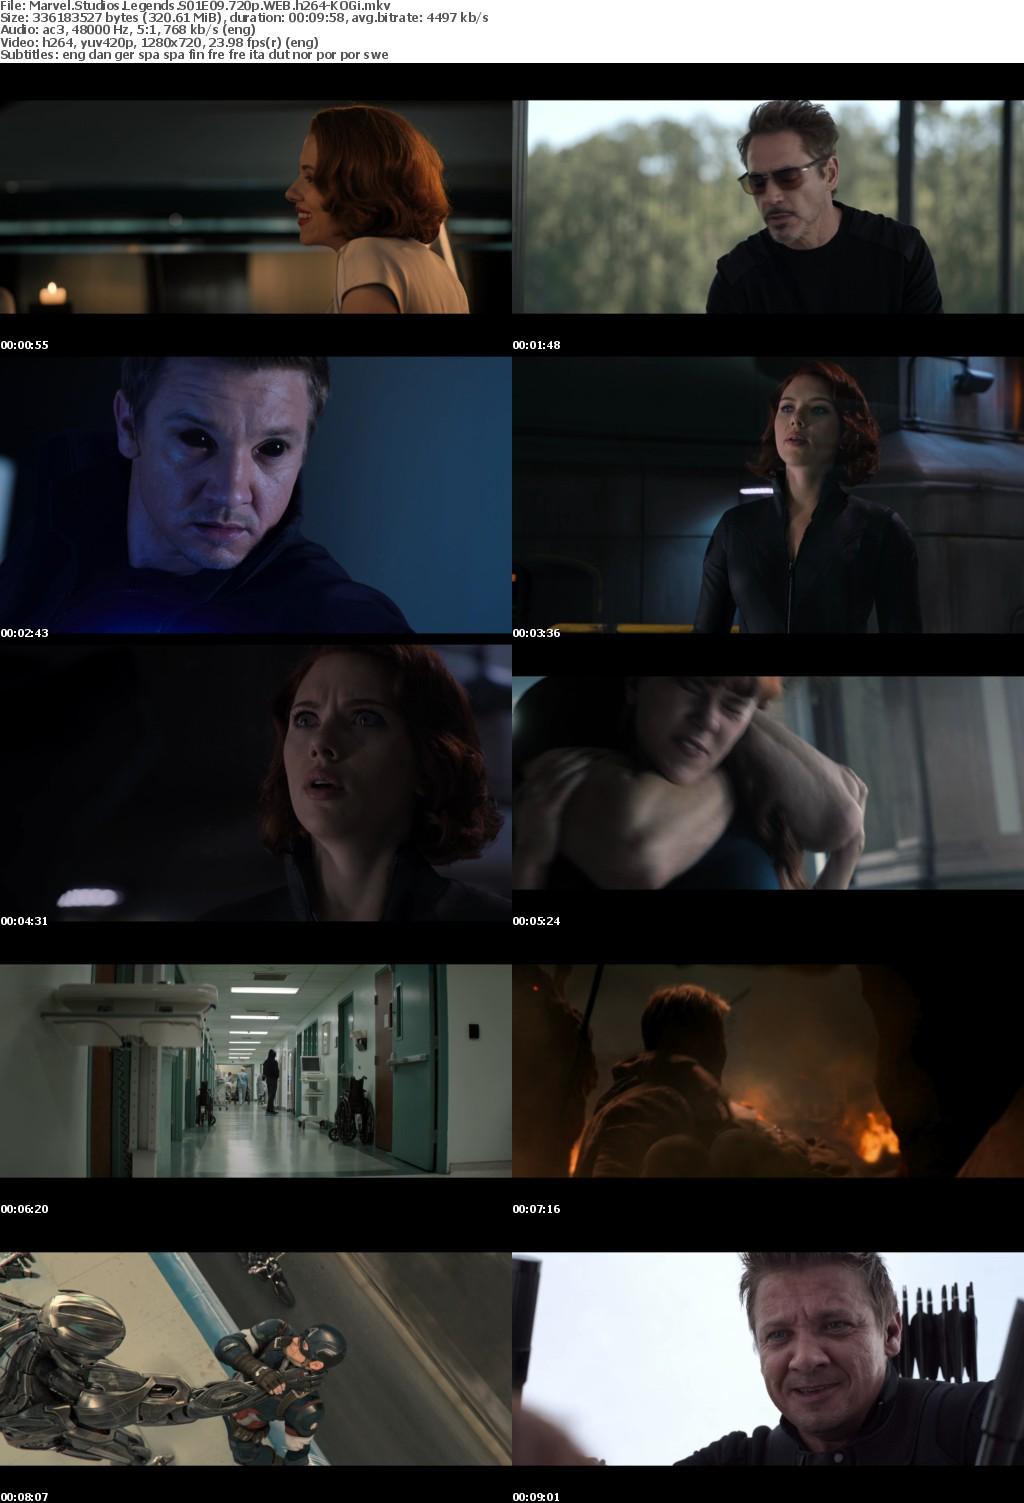 Marvel Studios Legends S01E09 720p WEB h264-KOGi